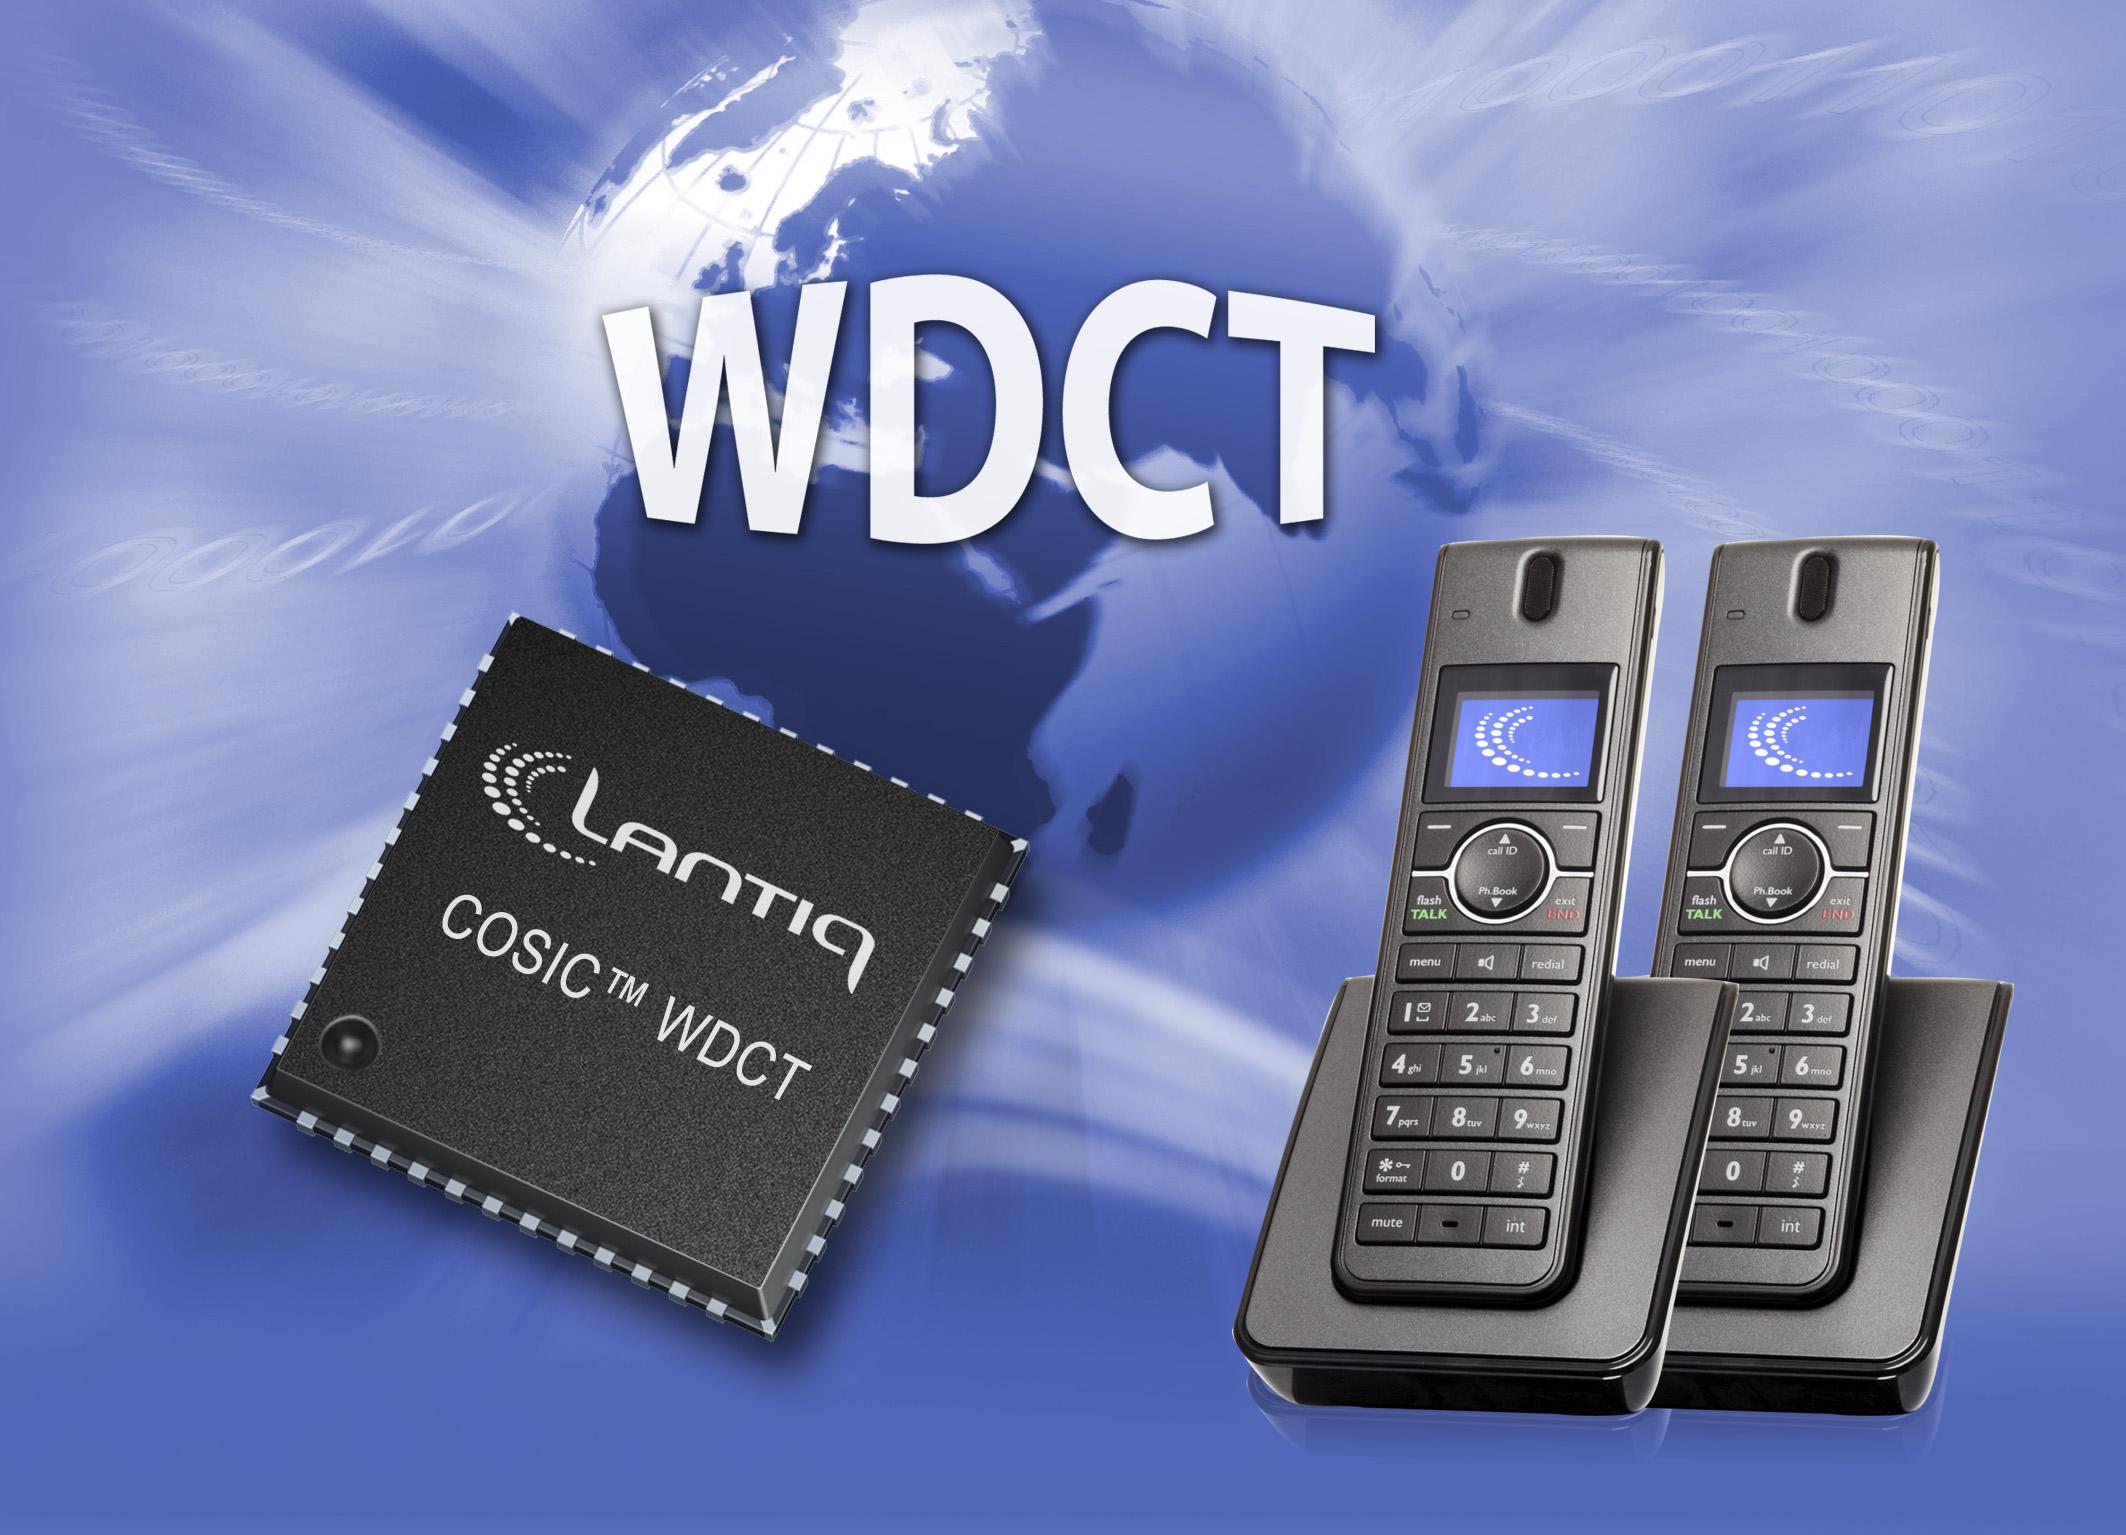 COSIC WDCT[1]